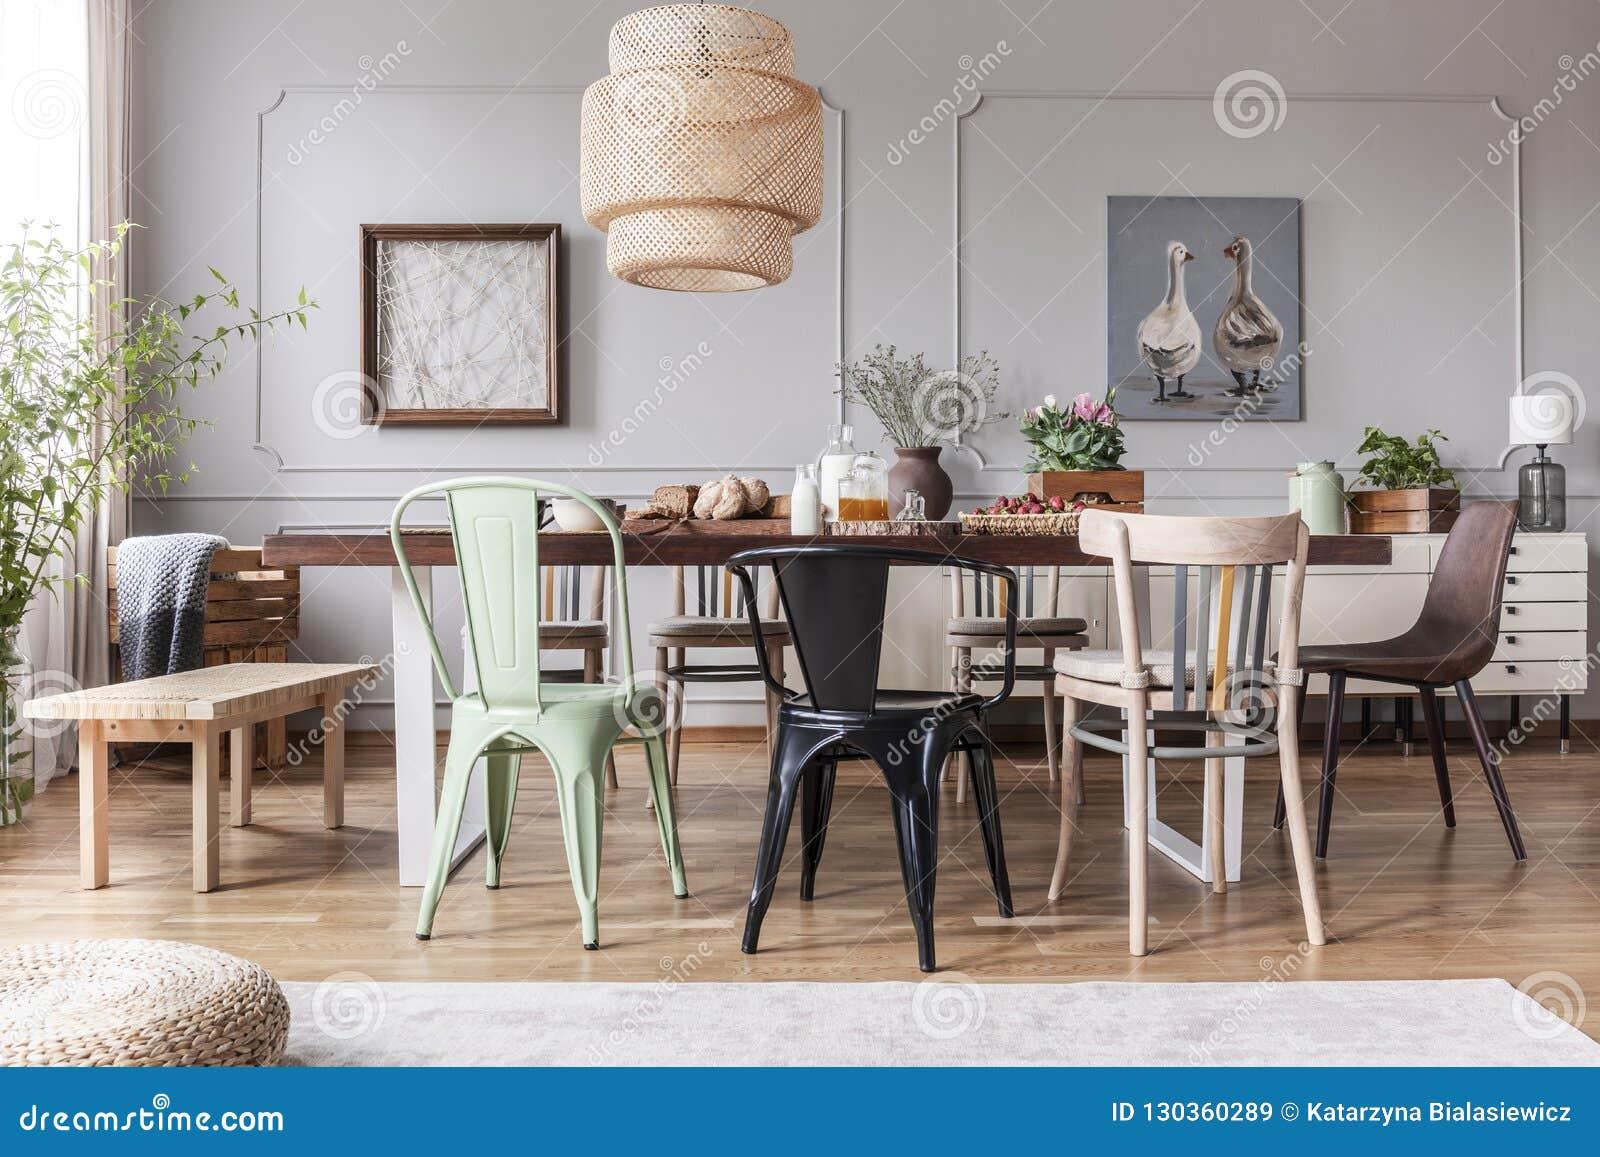 Enfant diff rent des chaises la table avec les fleurs et - Table de salle a manger avec chaises ...